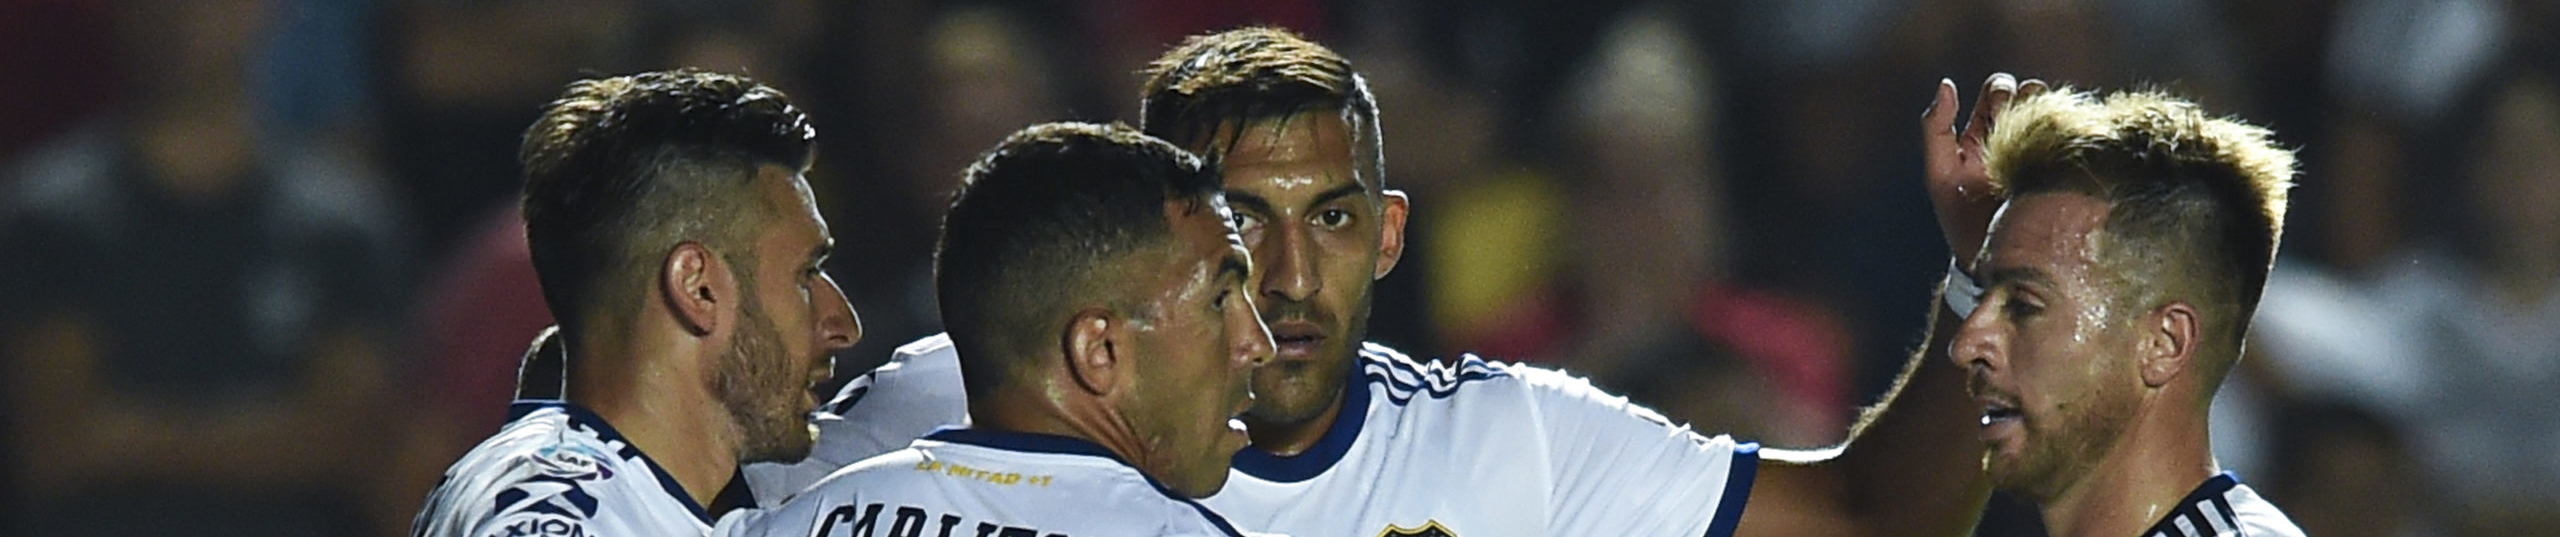 Boca Juniors-Gimnasia La Plata, per il sogno degli Xeneizes serve un successo contro Maradona